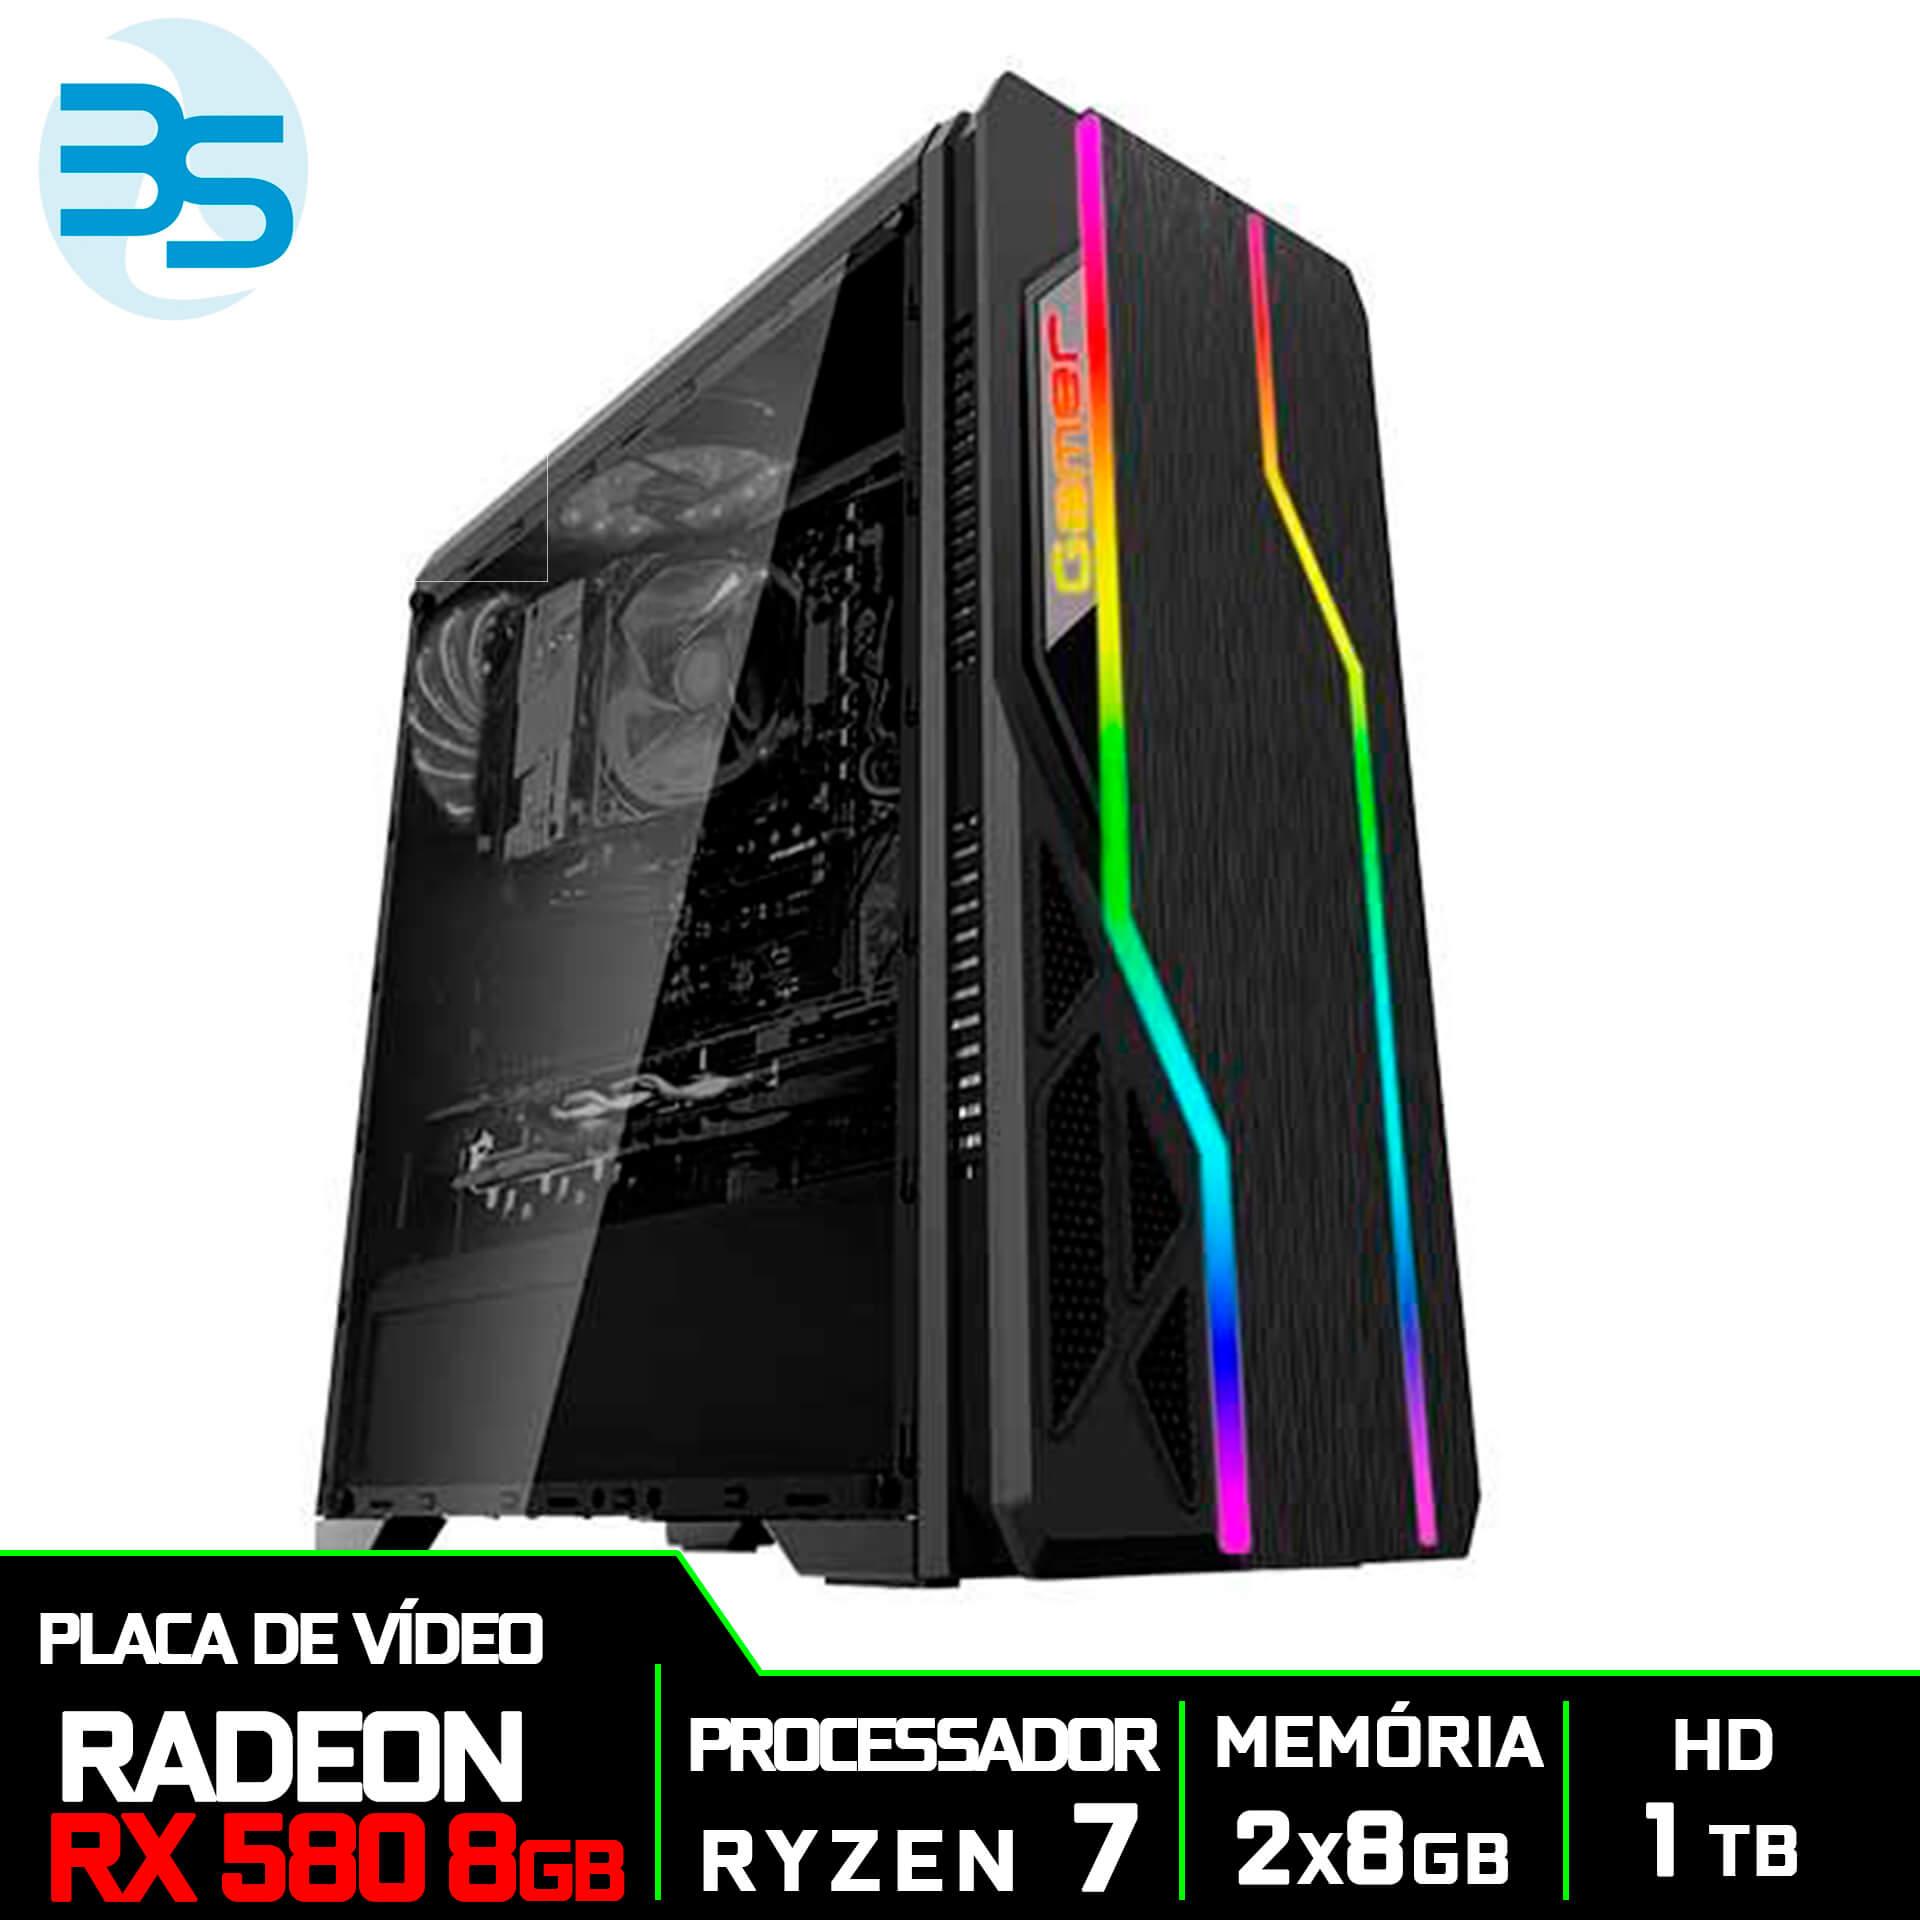 Computador Gamer AMD Ryzen 7 2700, HD 1TB, 16GB DDR4, 500W, RX 580 8GB